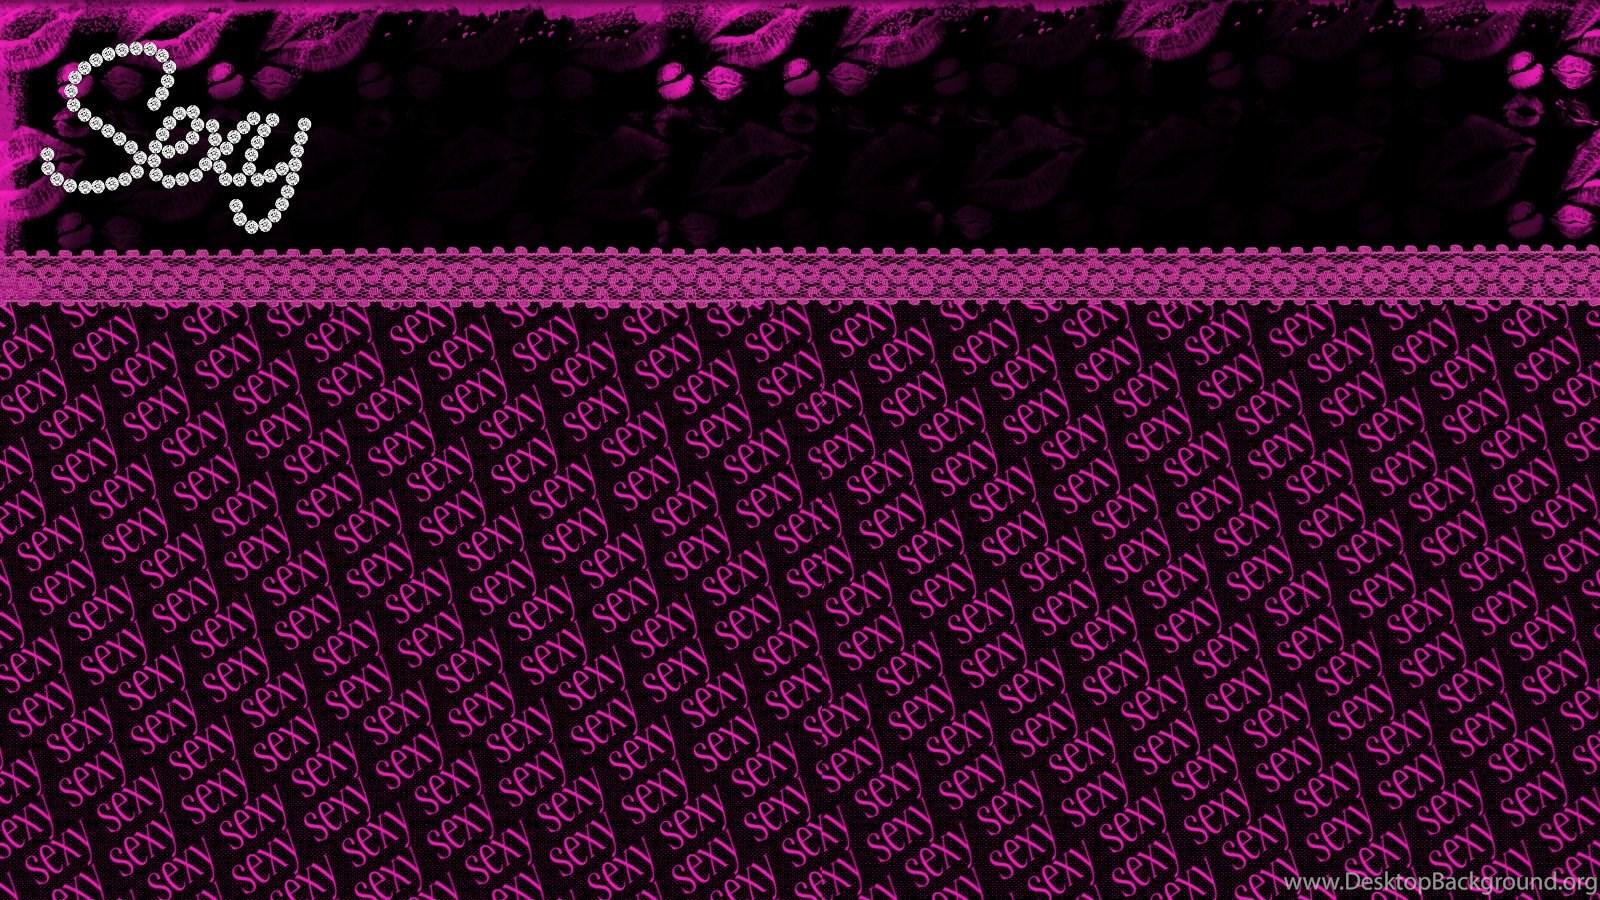 Diva backgrounds wallpapers zone desktop background - Diva wallpaper ...